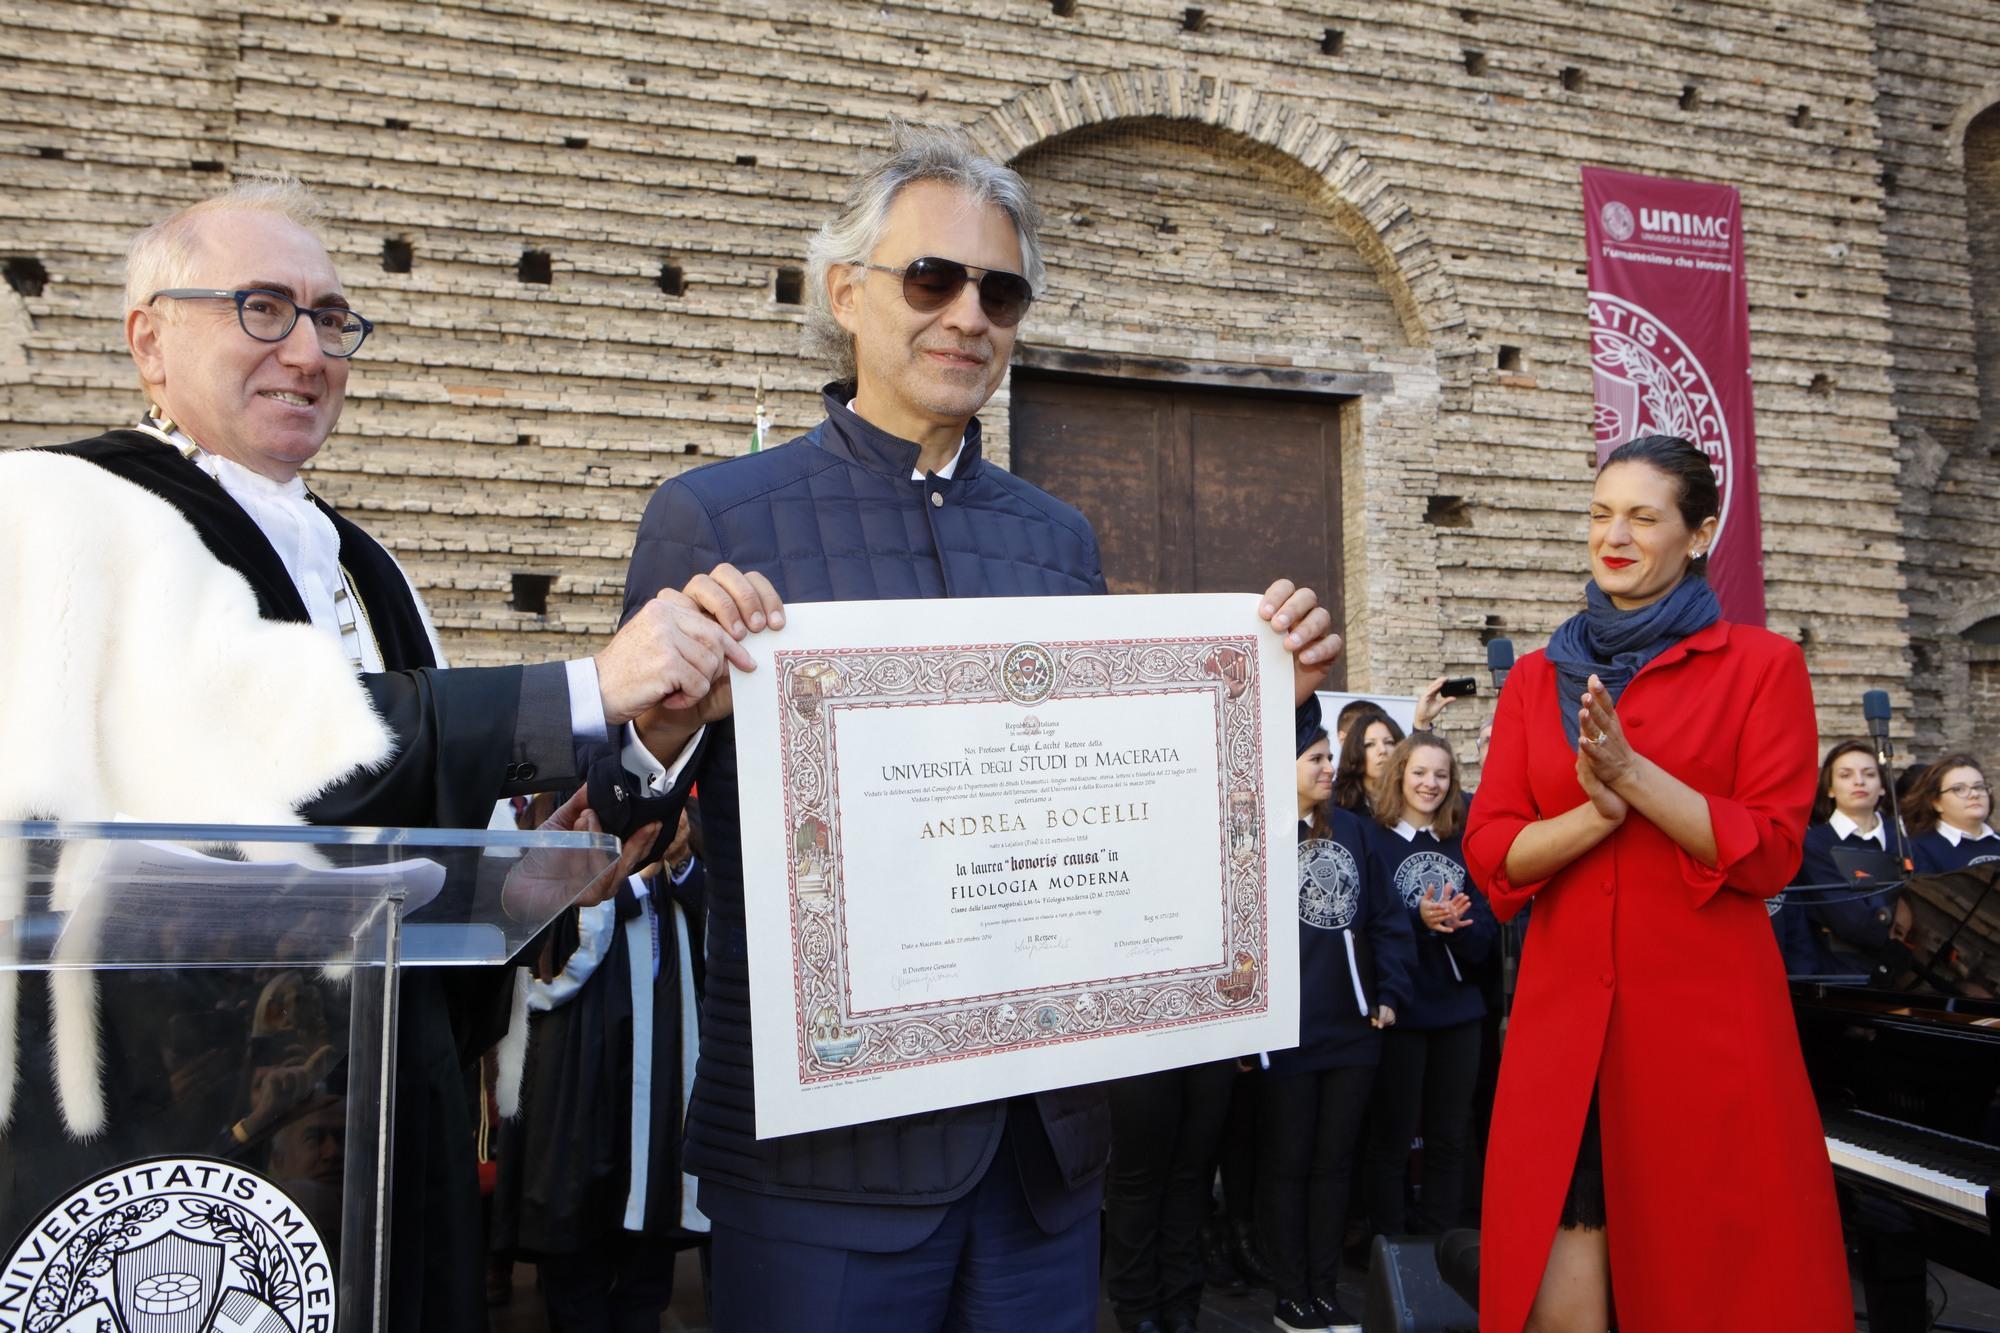 Andrea Bocelli laureato honoris causa dall'Università di Macerata